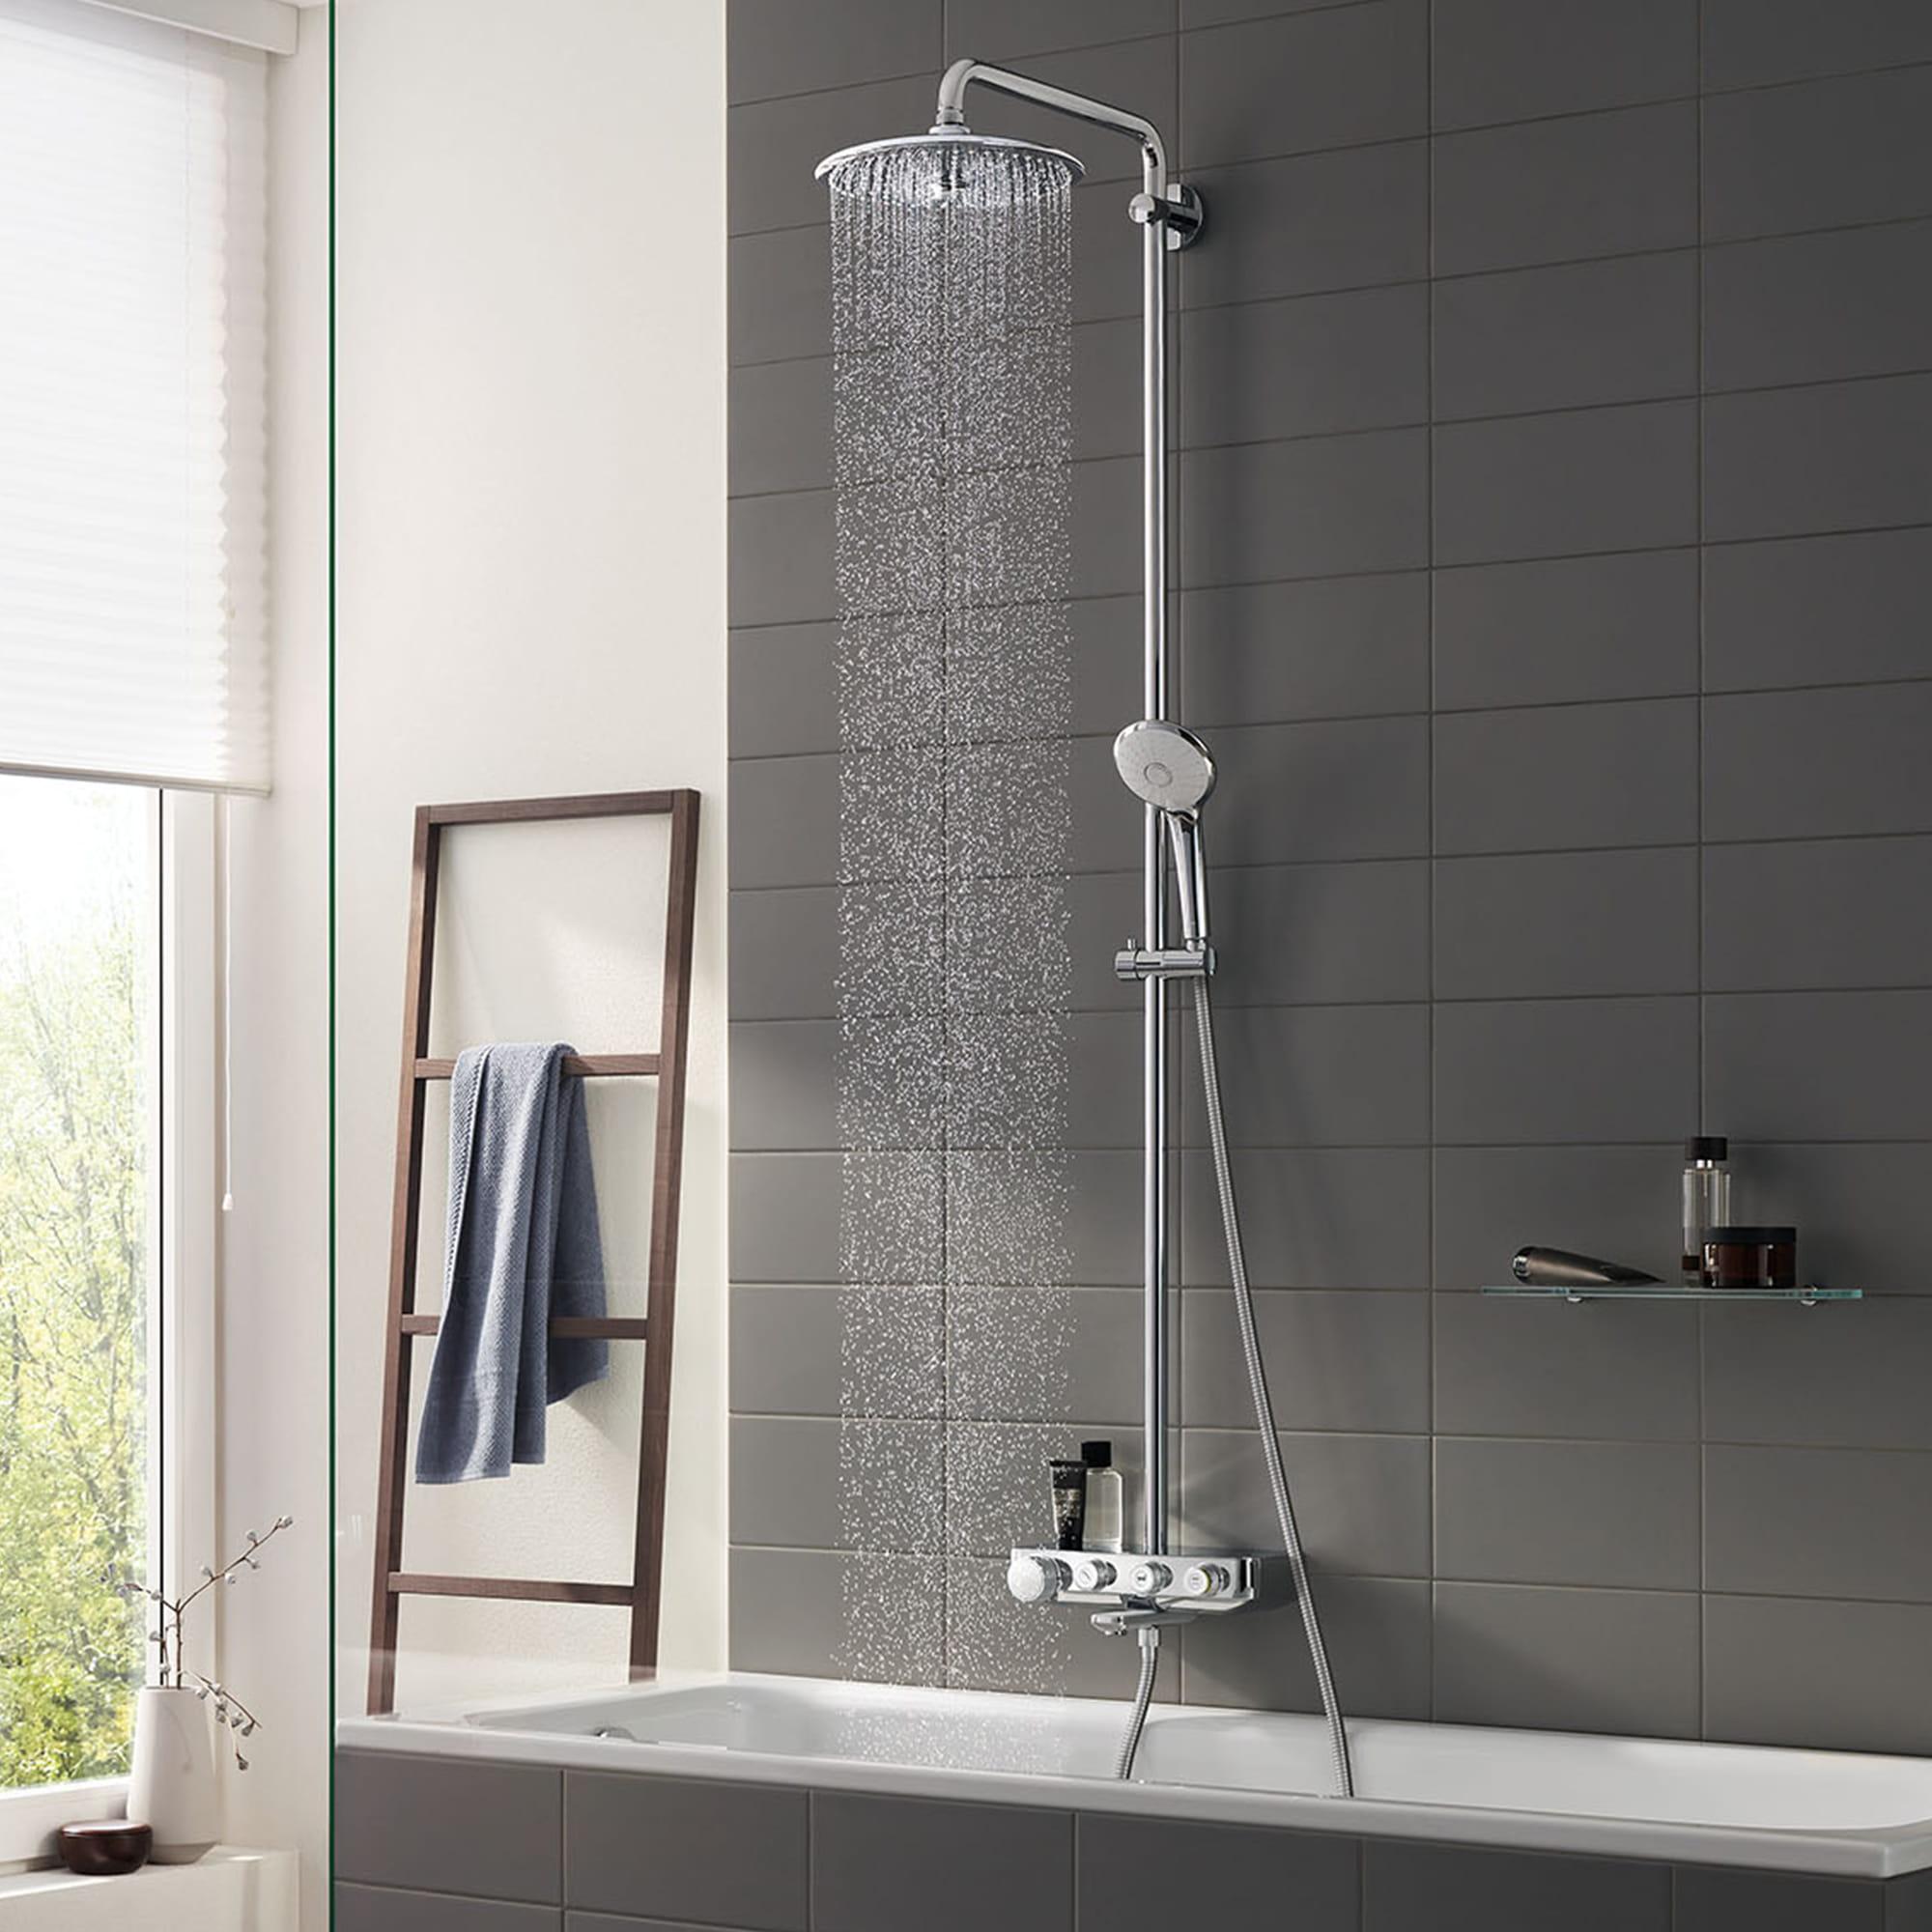 Euphoria SmartControl douche pulvérisation d'eau dans la baignoire